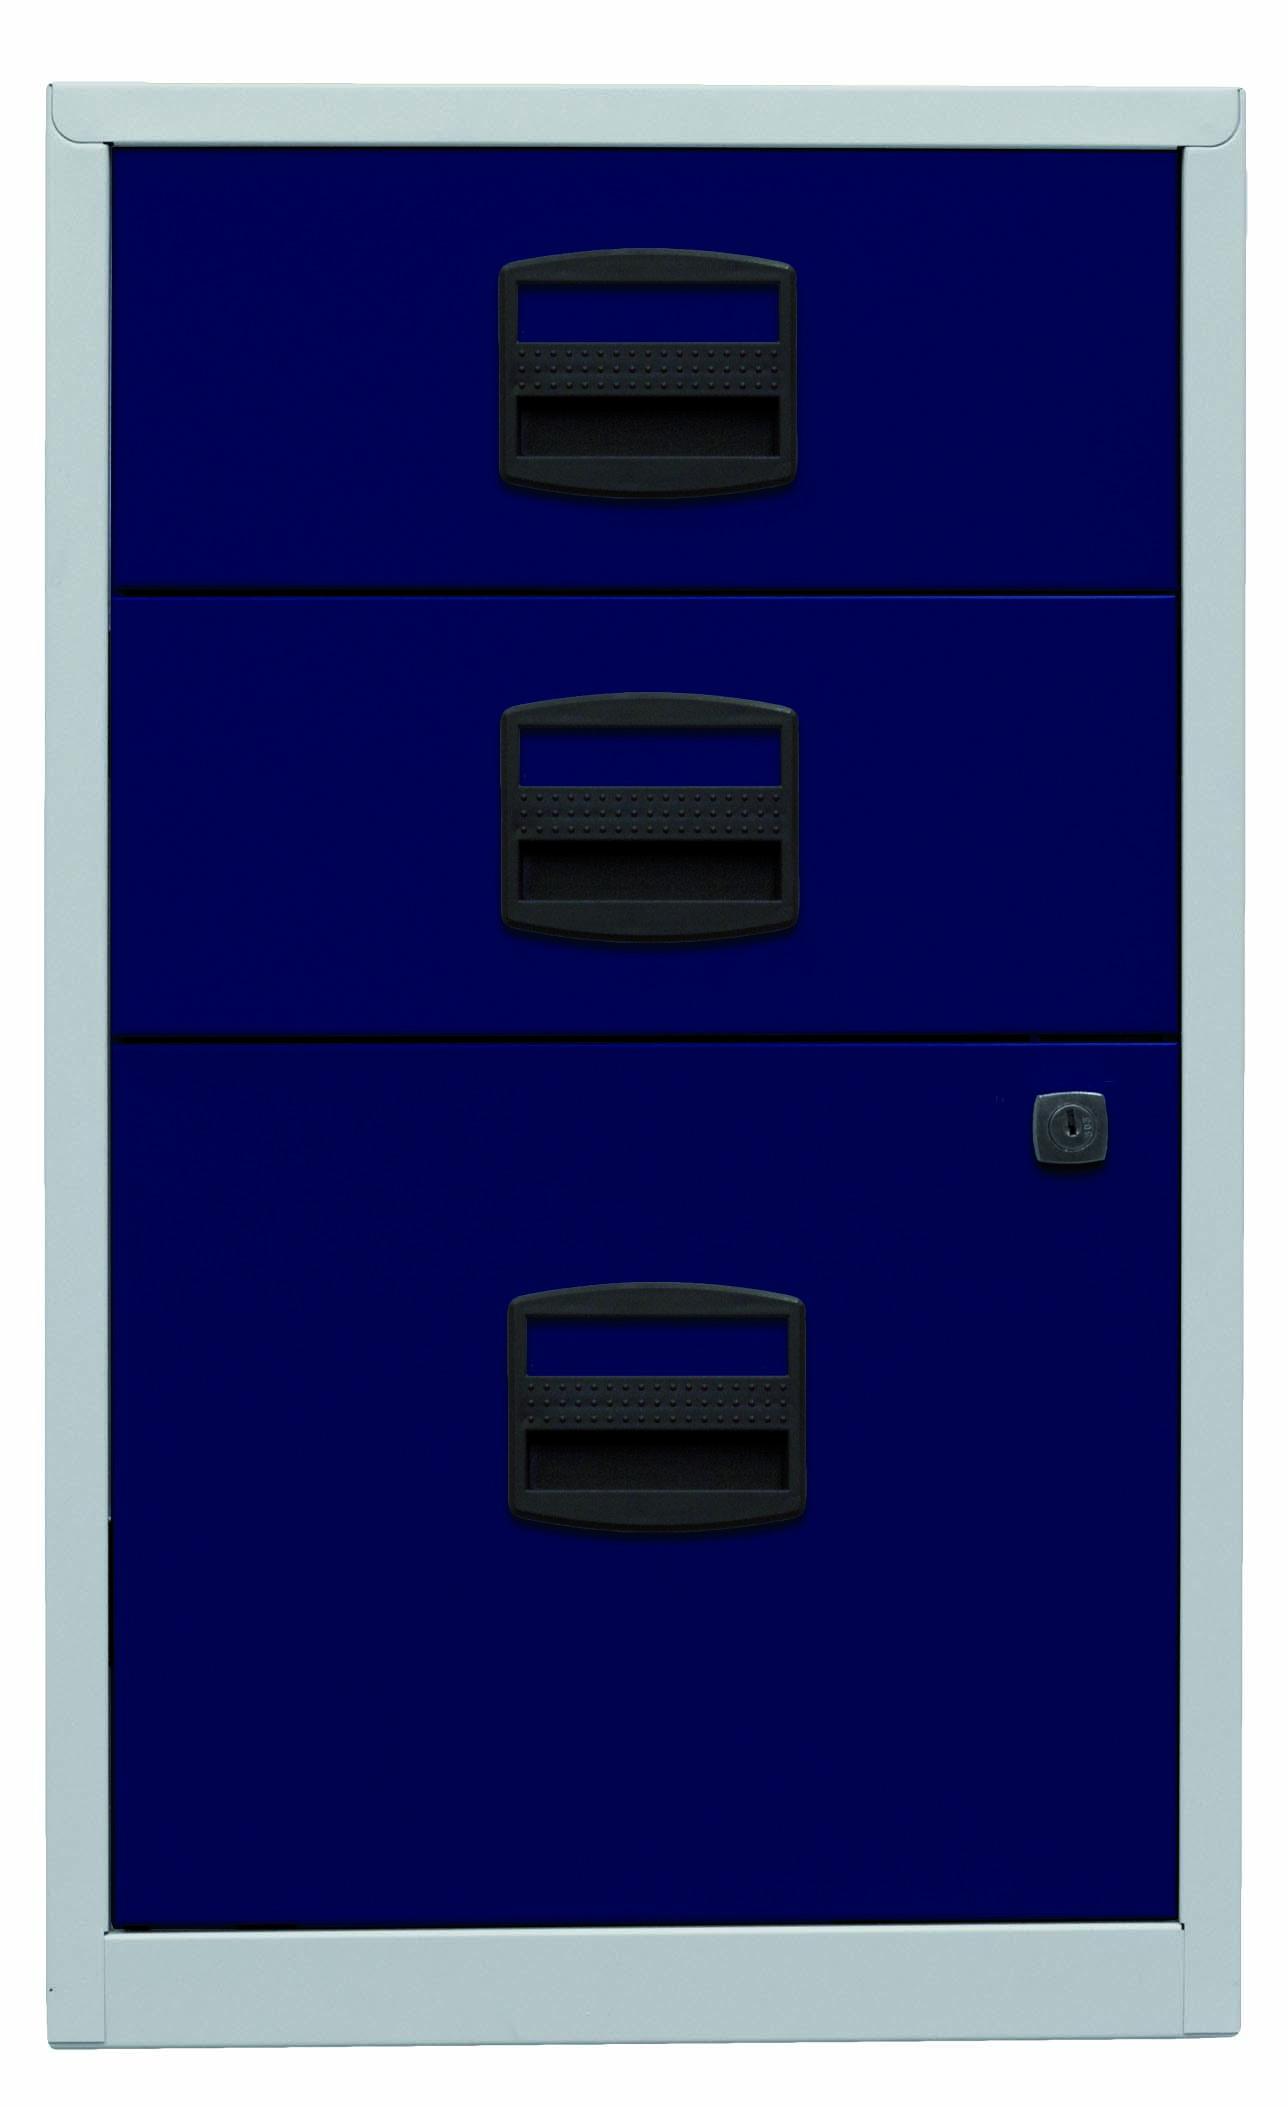 Beistellschrank PFA, 2 Universalschubladen, 1 HR-Schublade, Farbe Korpus lichtgrau, Fronten oxfordblau